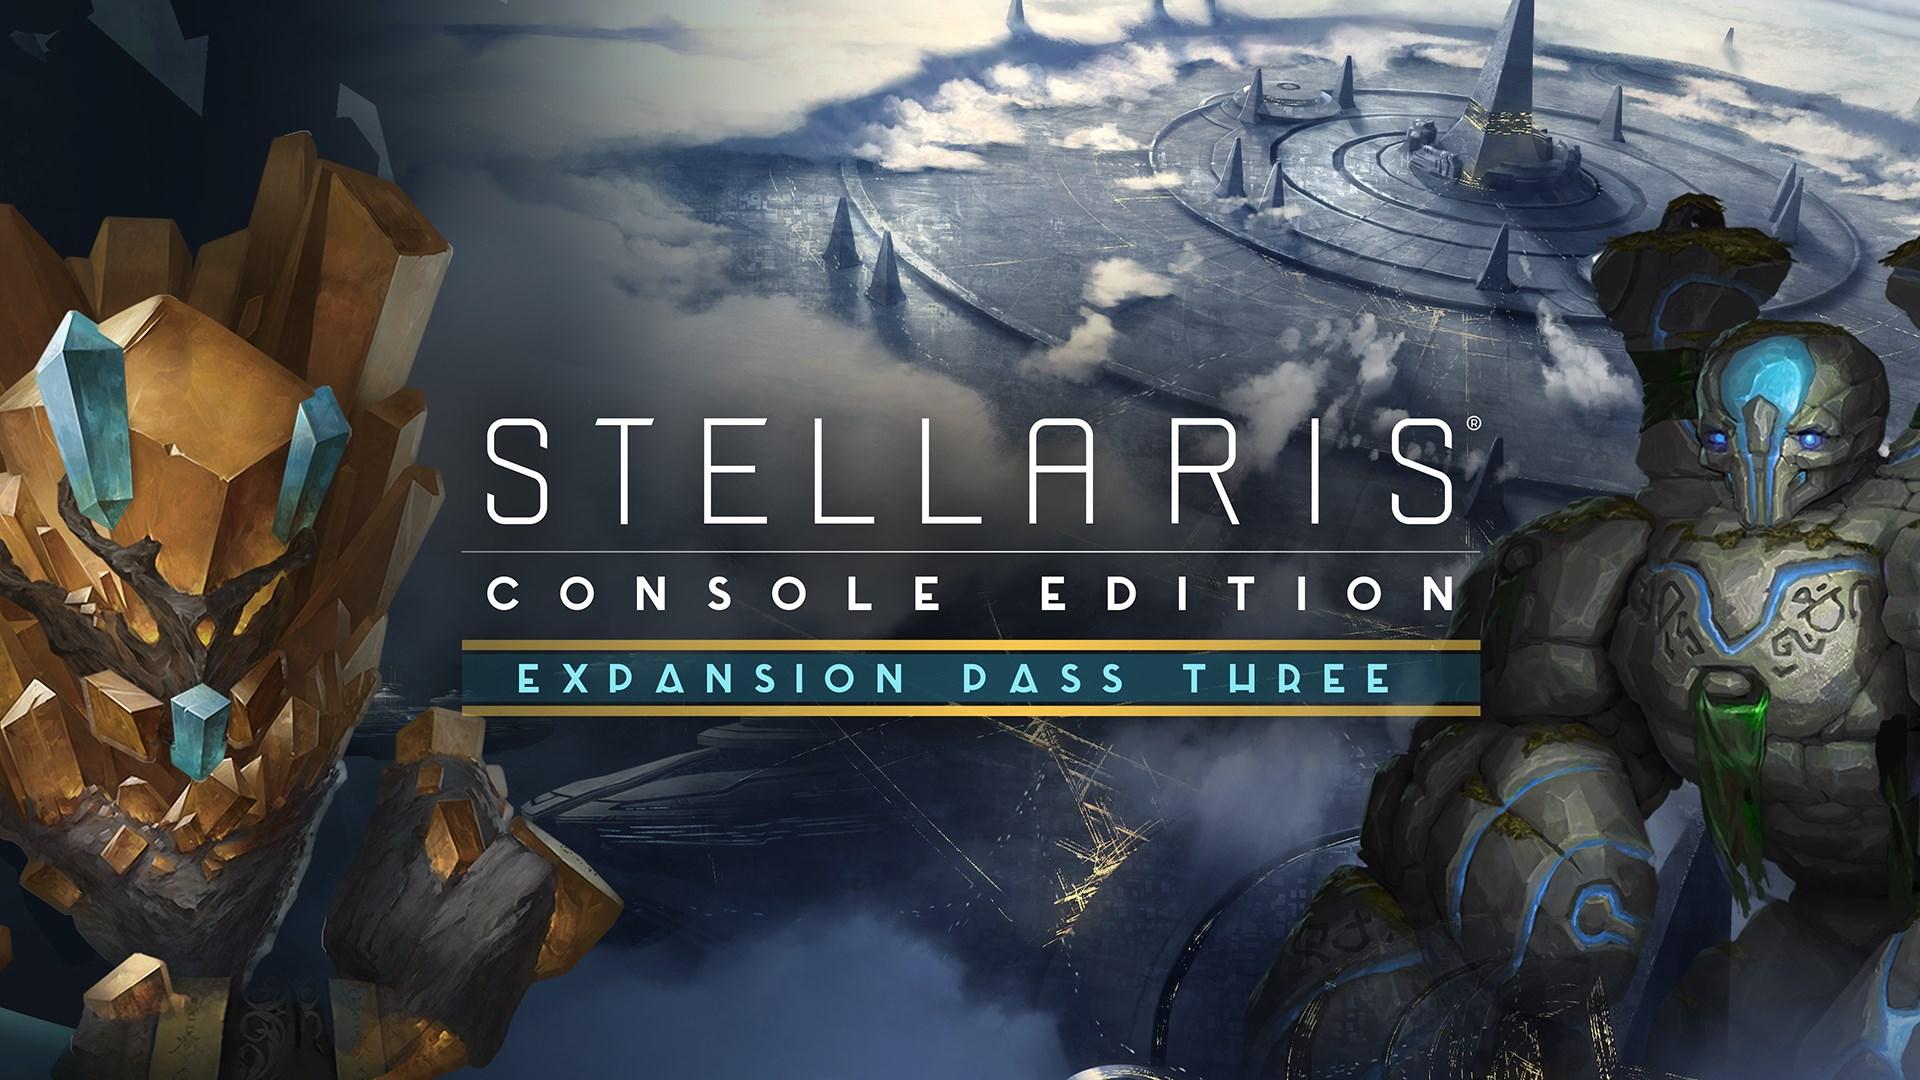 Скриншот №2 к Stellaris Console Edition - Expansion Pass Three